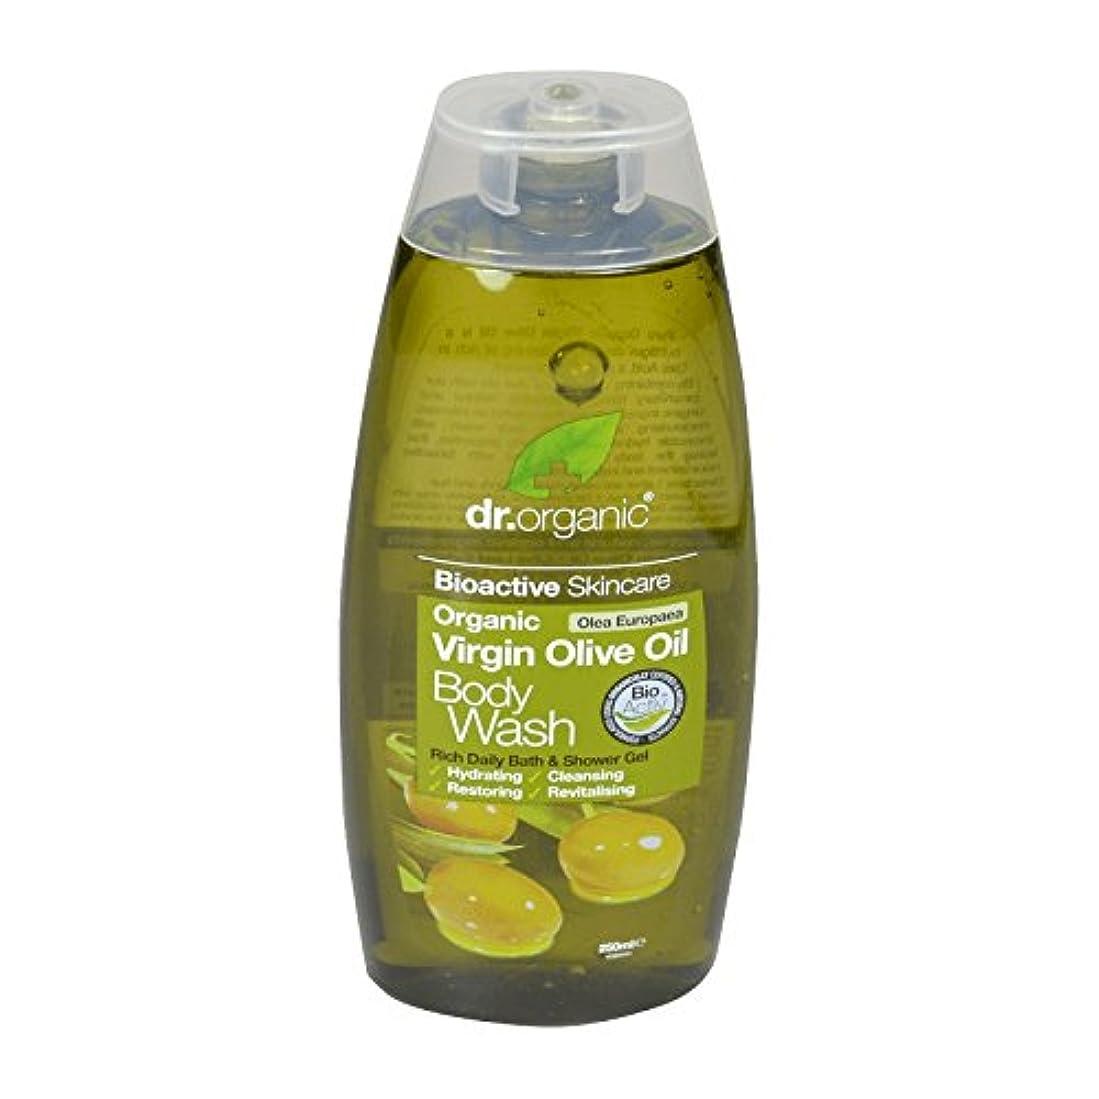 利用可能方法論提案Dr Organic Virgin Olive Oil Body Wash (Pack of 2) - Dr有機バージンオリーブオイルボディウォッシュ (x2) [並行輸入品]